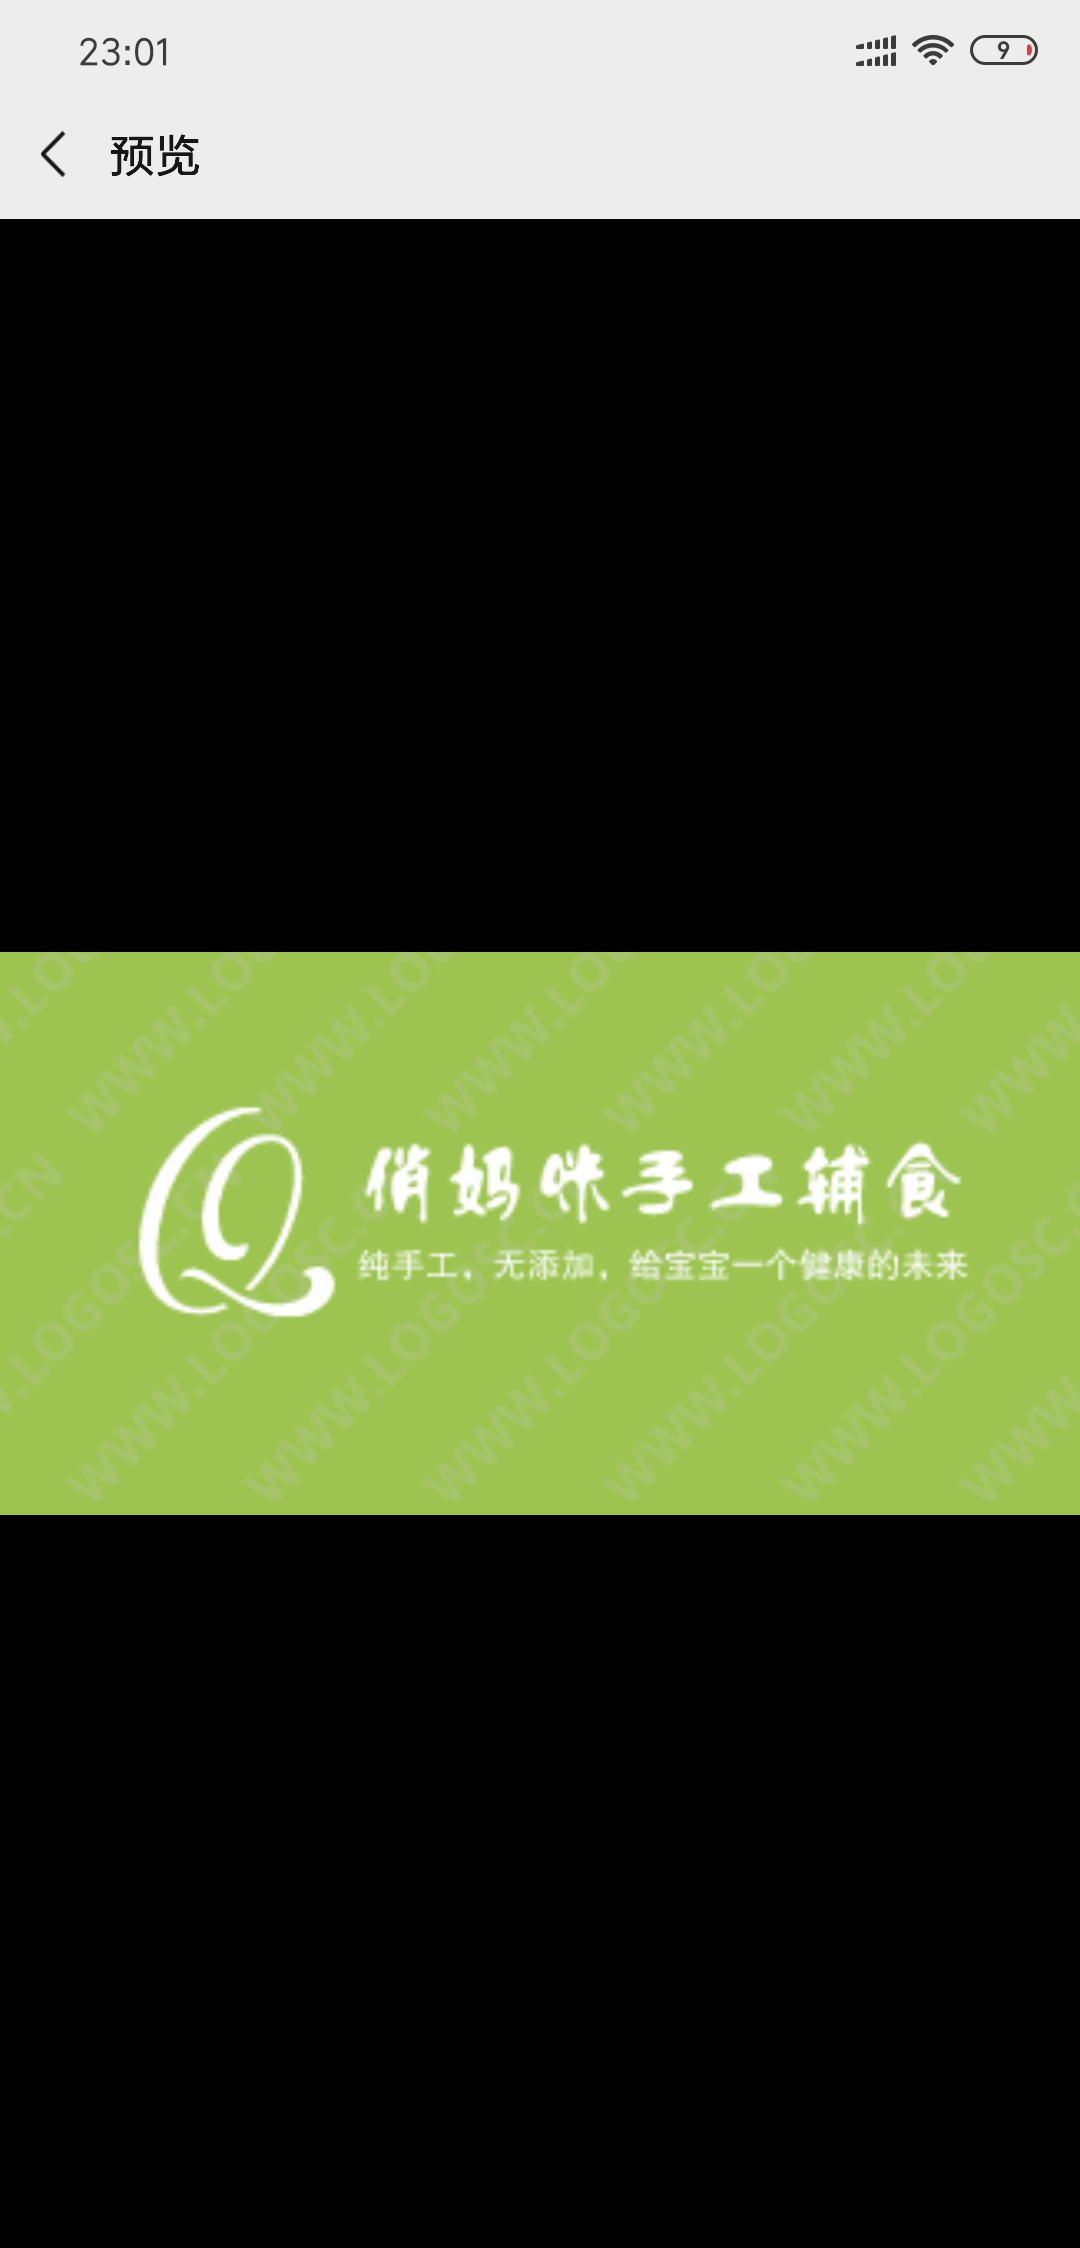 郑州高新区俏妈咪手工食品店